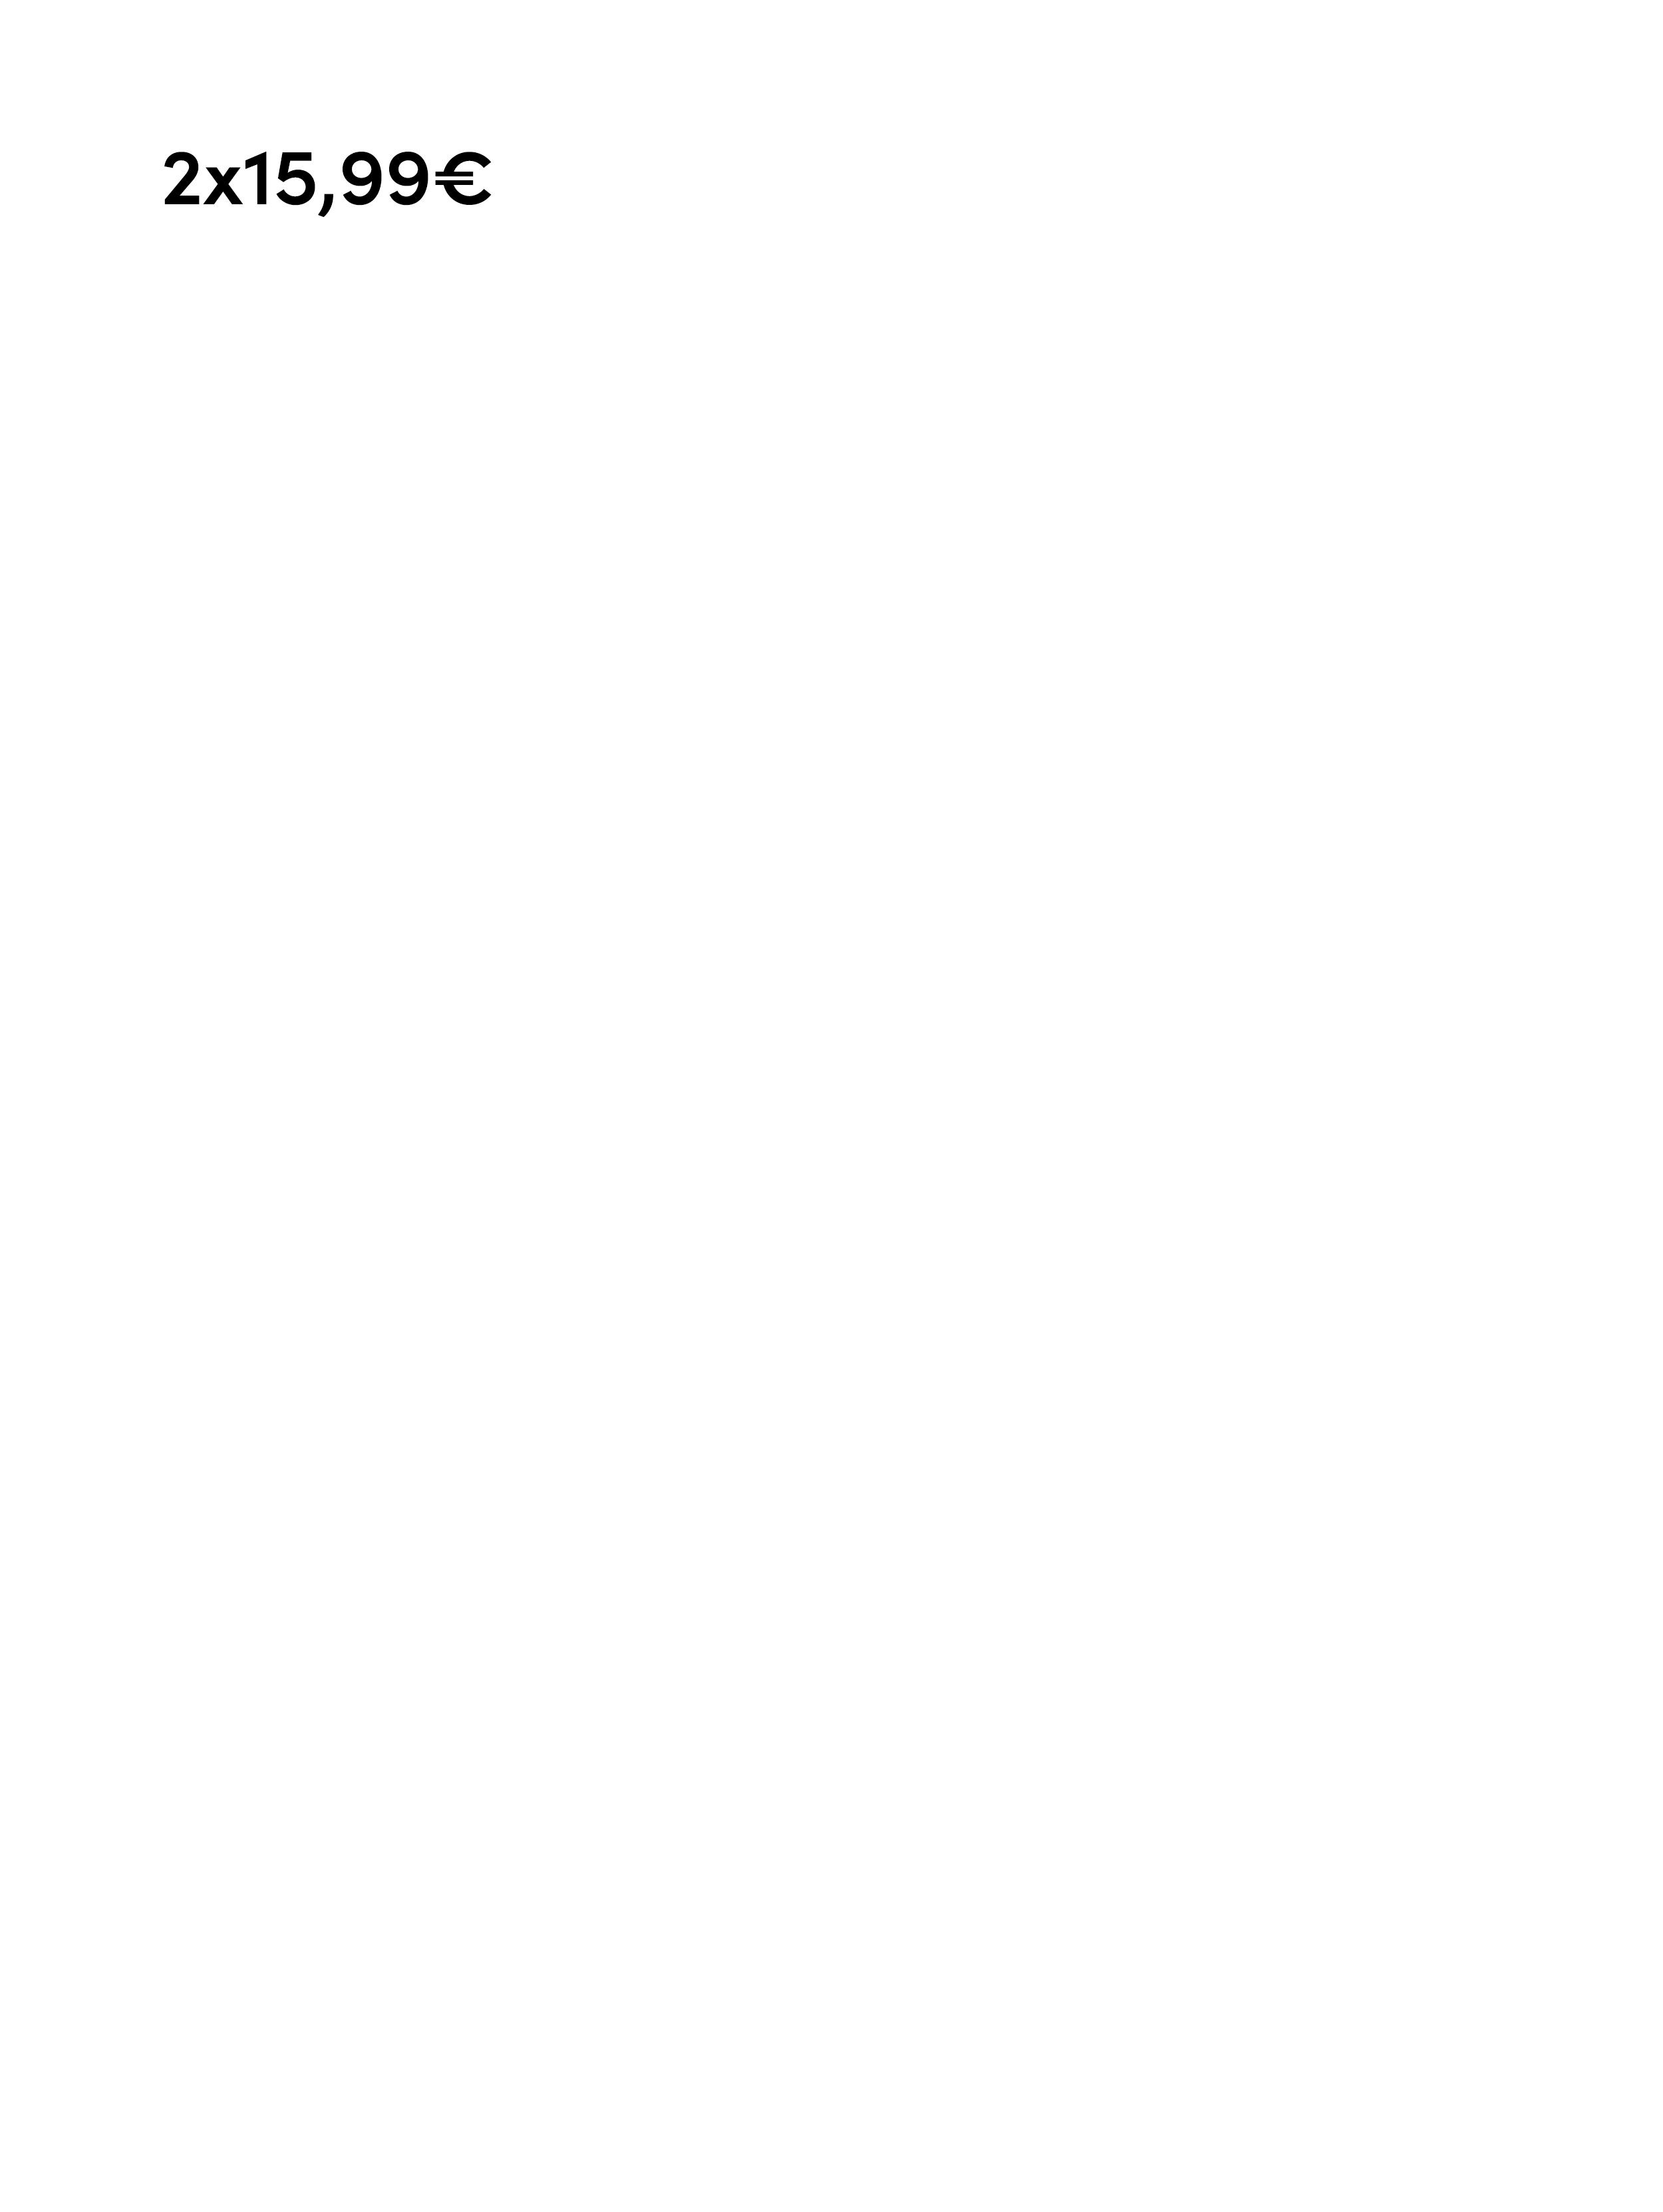 SK_2x15,99